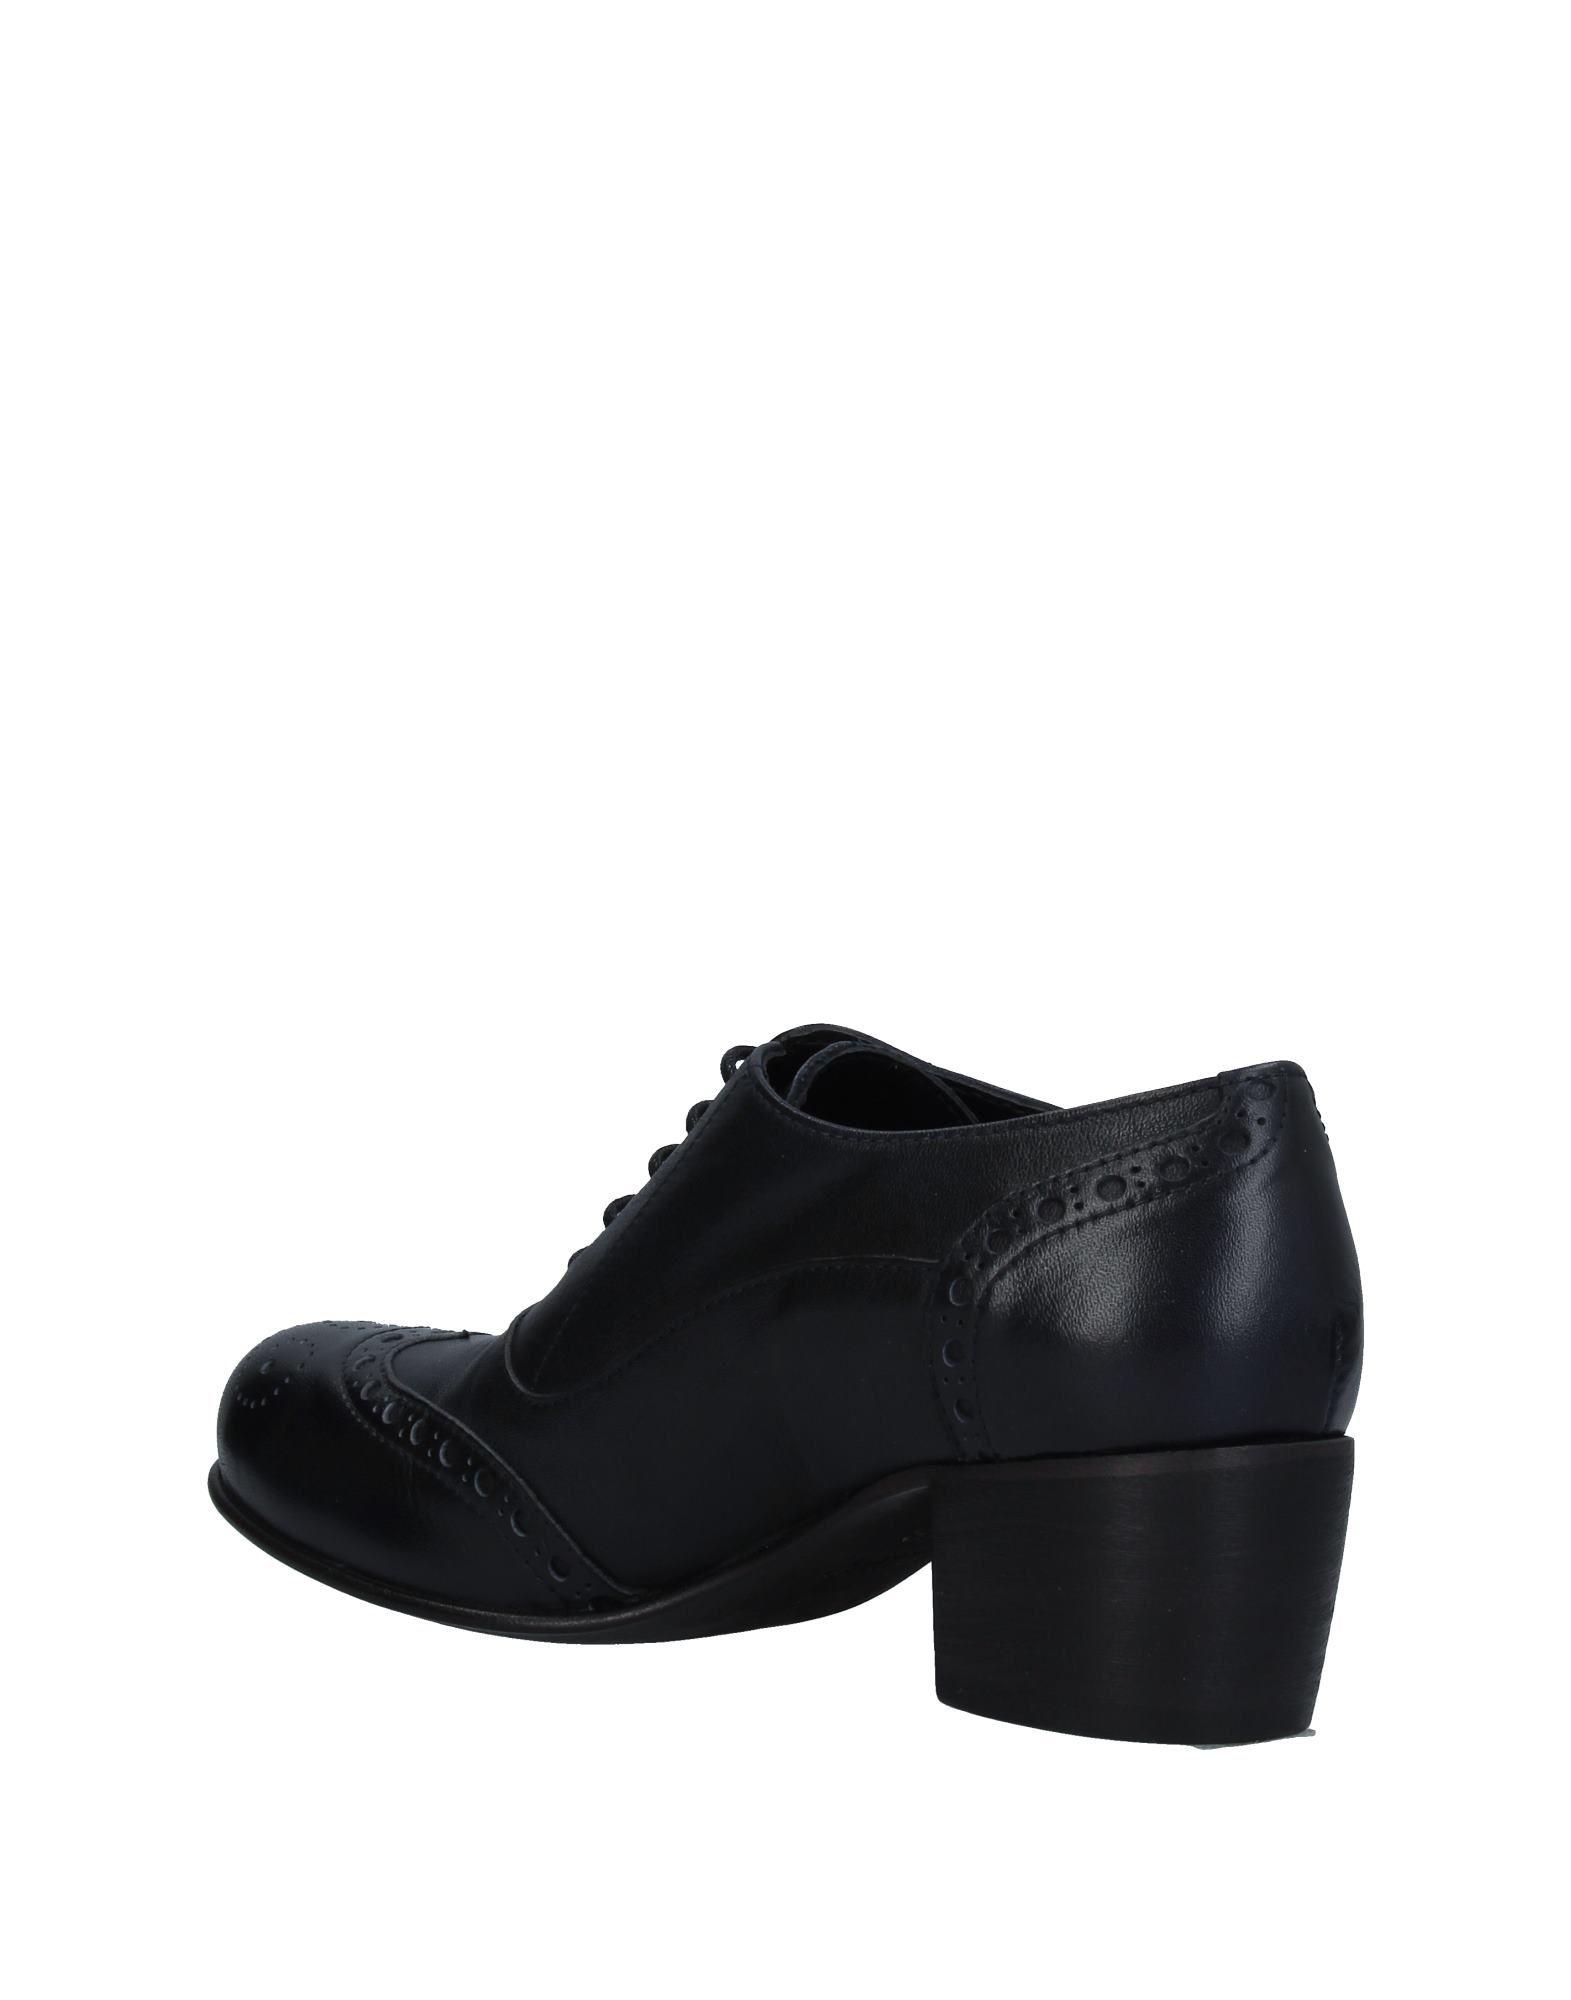 Jfk Schnürschuhe Damen  11363108LT Gute Qualität beliebte Schuhe